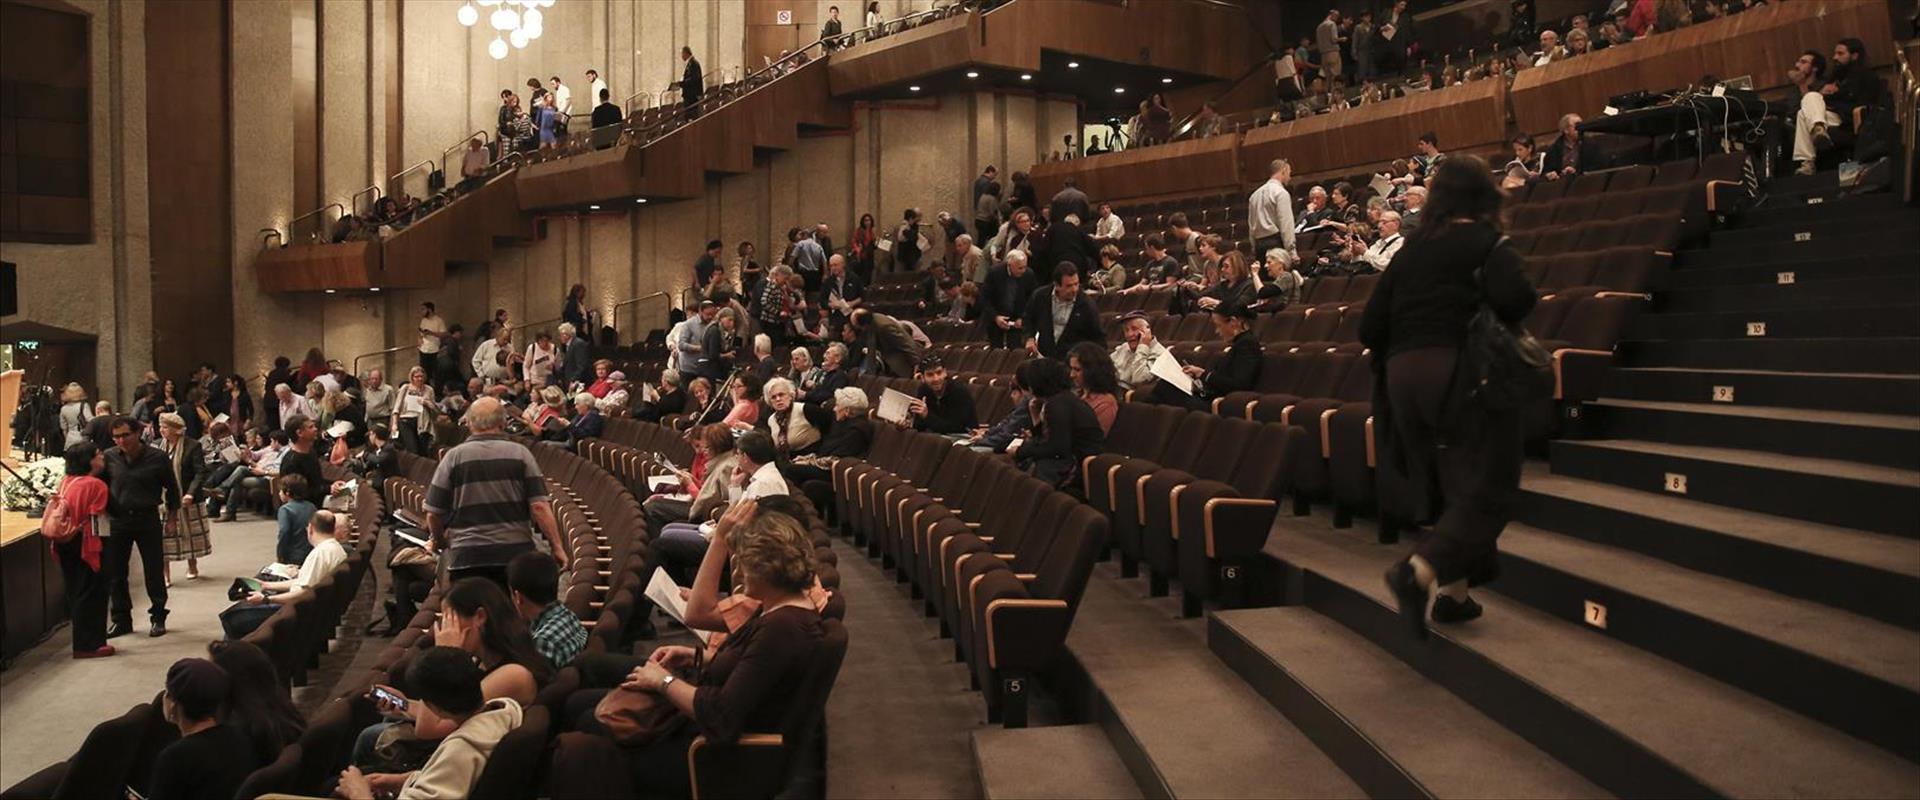 אולם תיאטרון